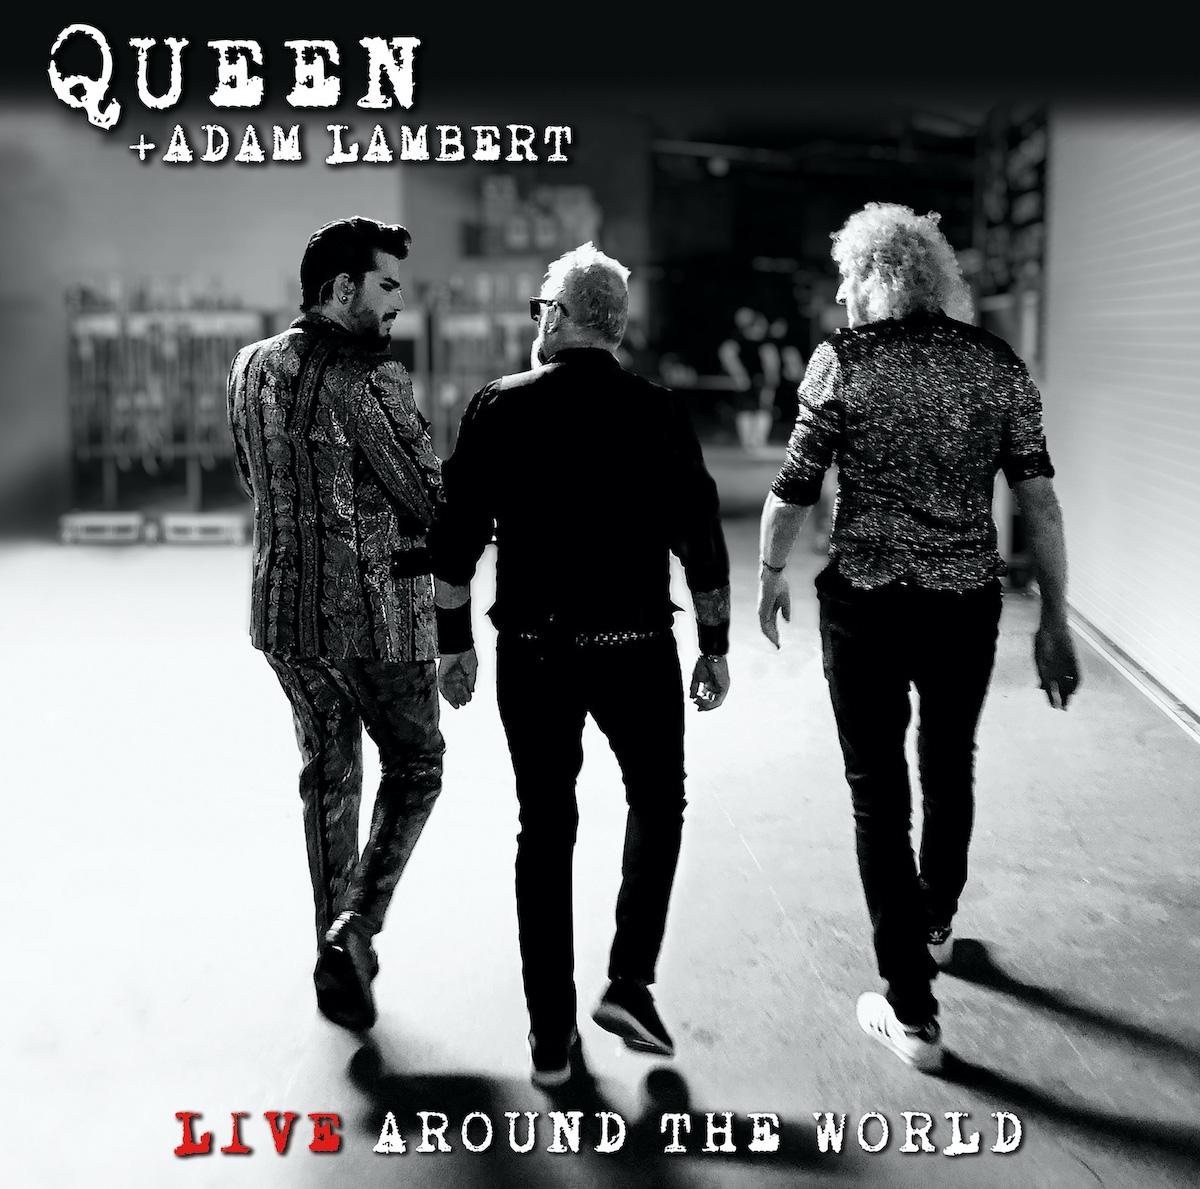 クイーン+アダム・ランバート『Live Around The World』